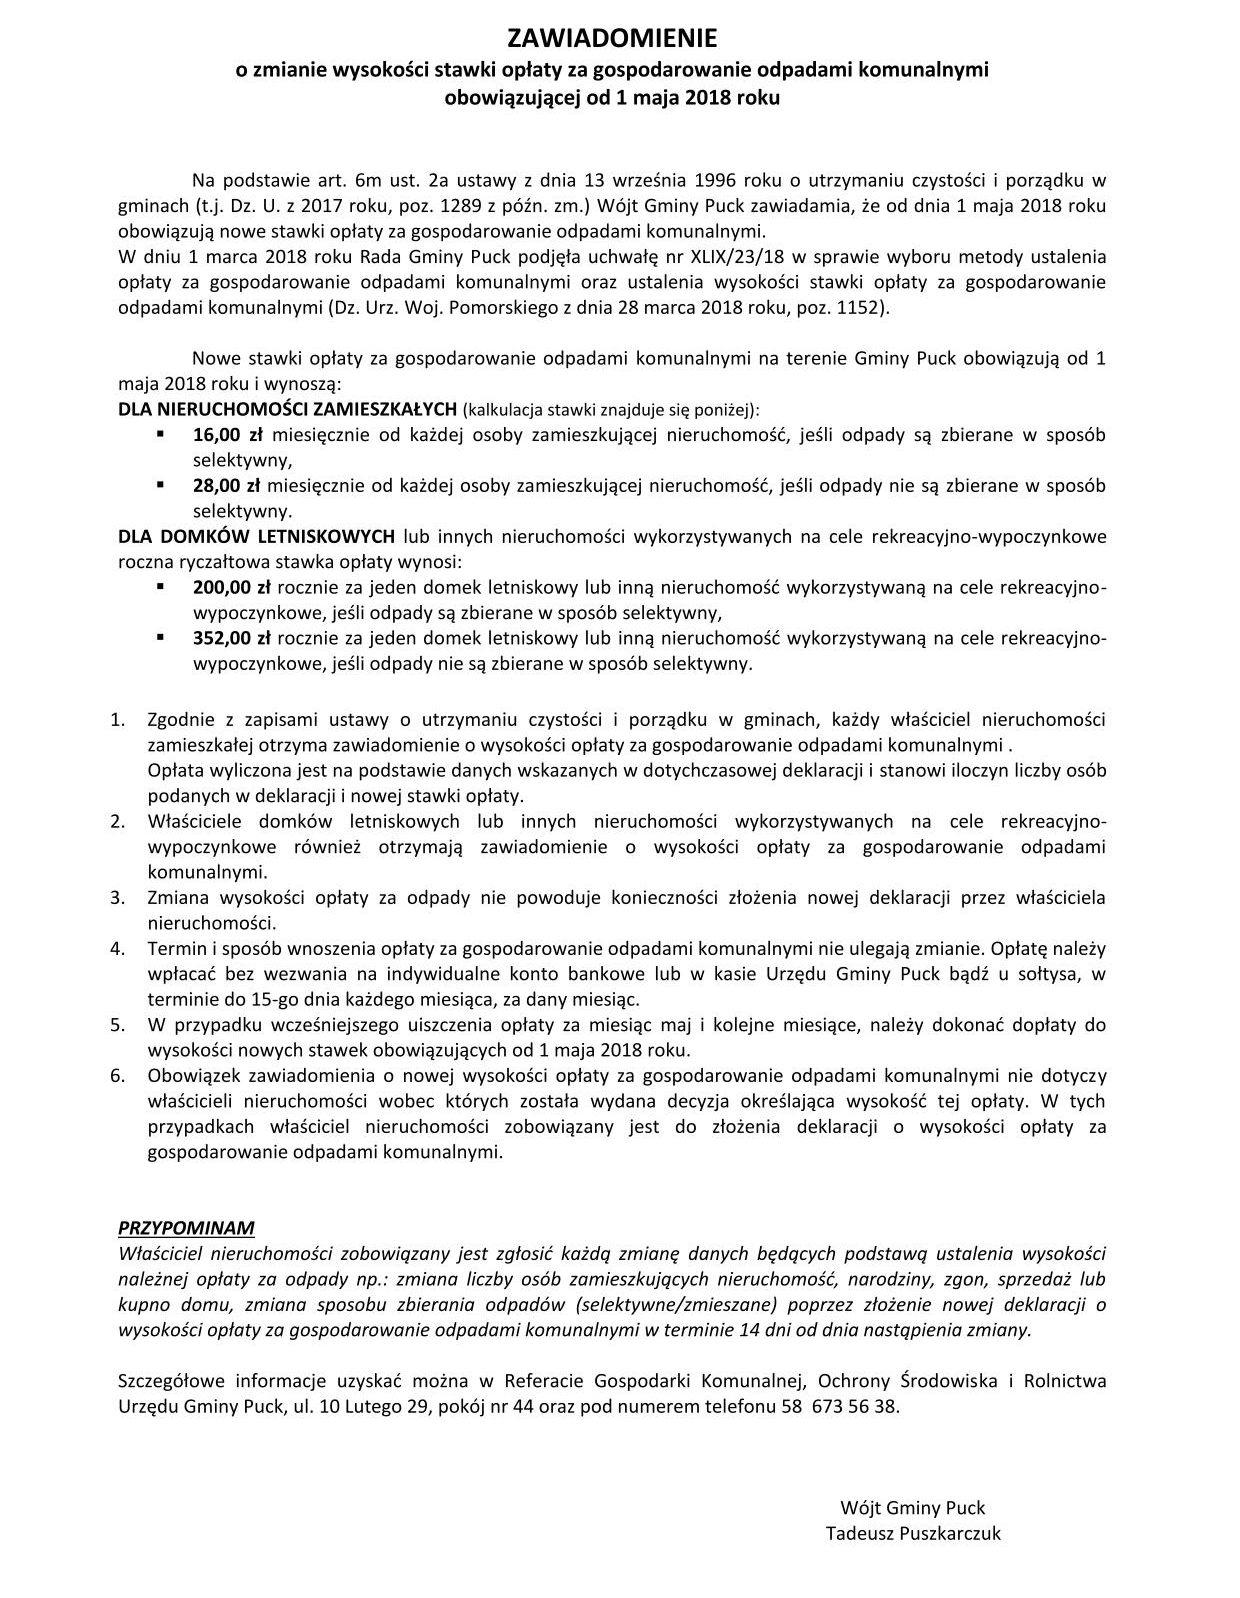 ZAWIADOMIENIE o zmianie stawek opłaty za odpady od 1 maja 2018 roku_01